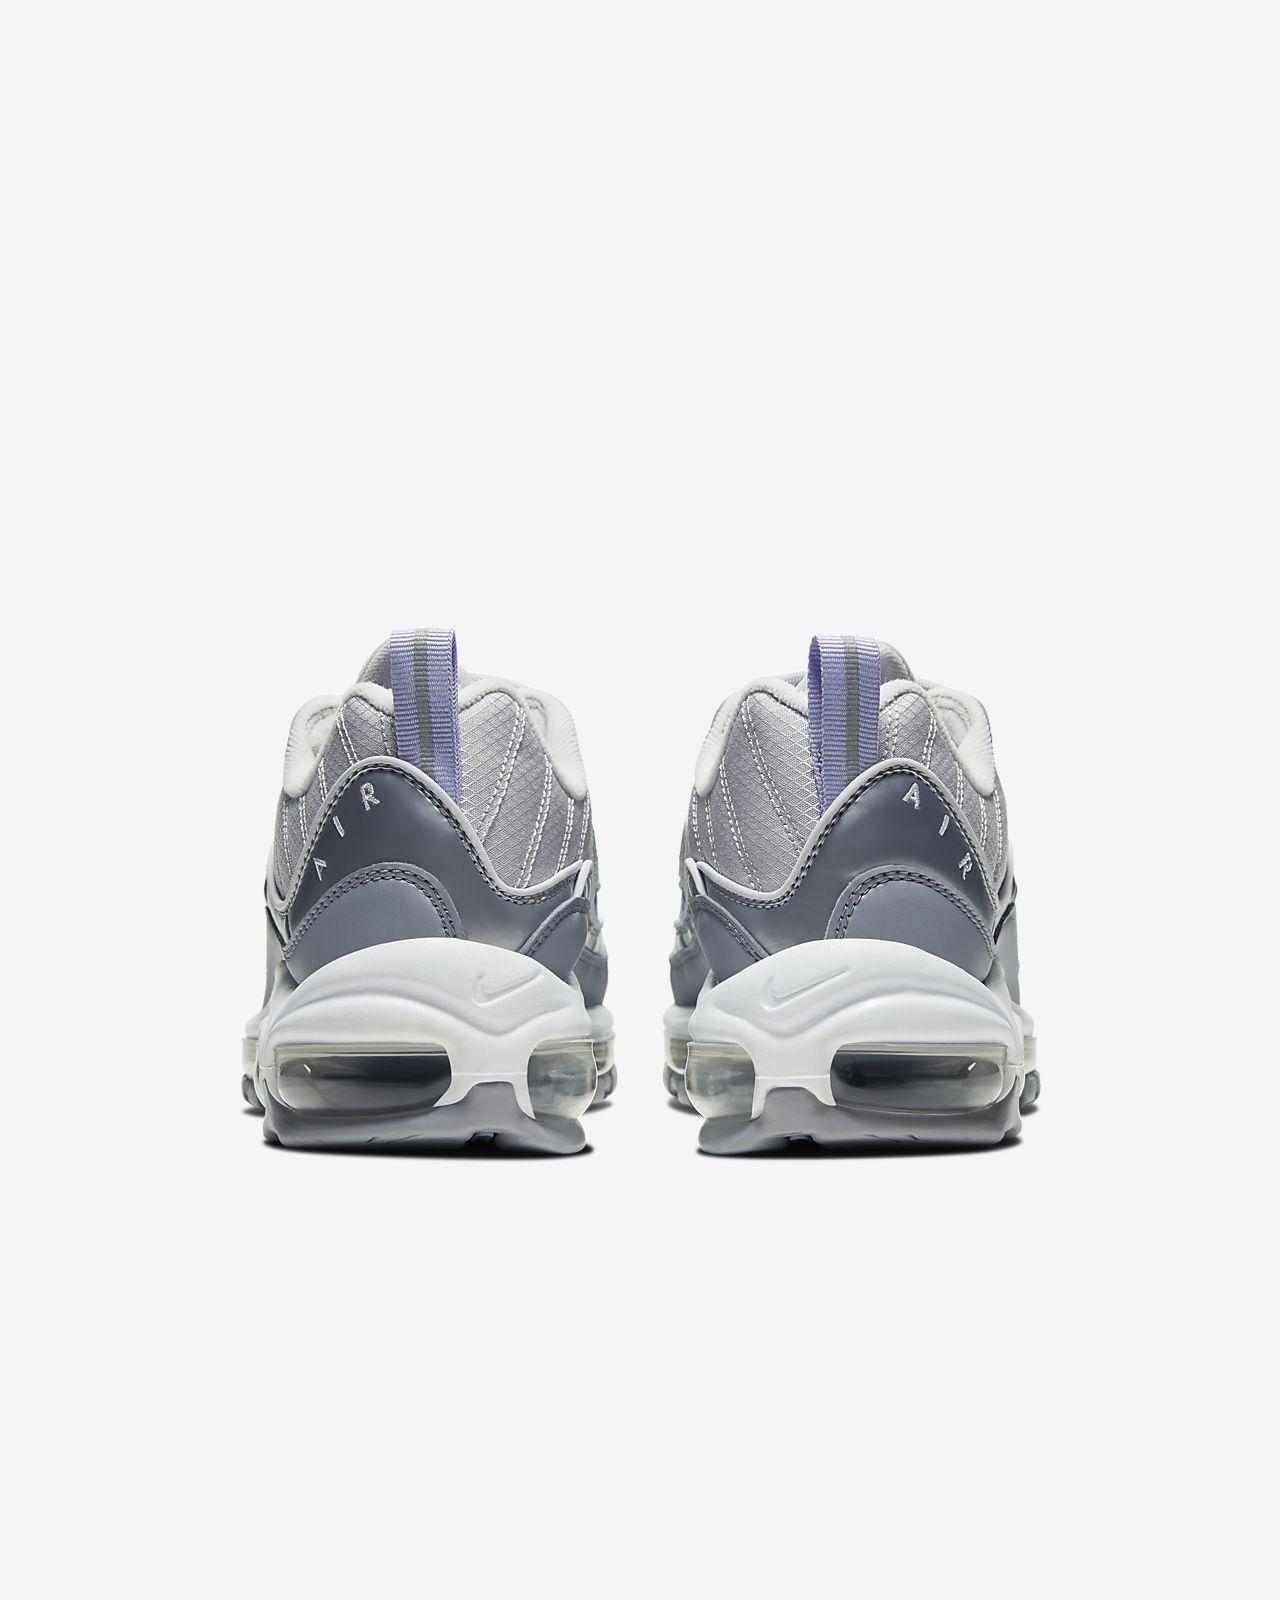 Nike Air Max 98 SE Damenschuh